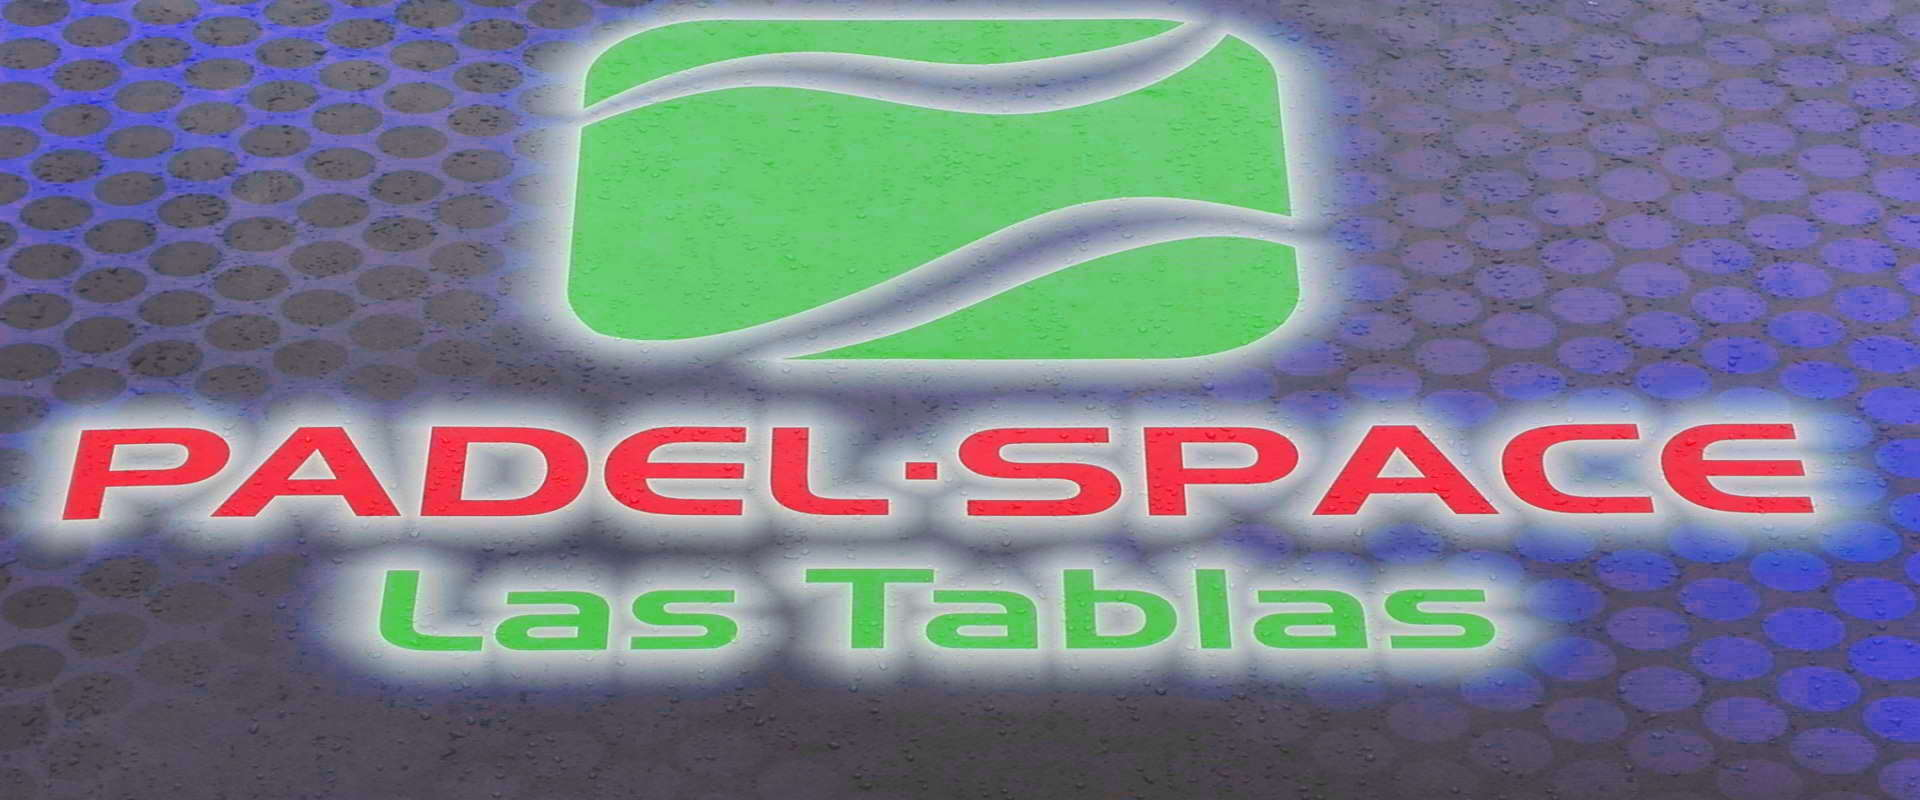 Logo de La escuela en la página de contacto de Padel Space Las Tablas.